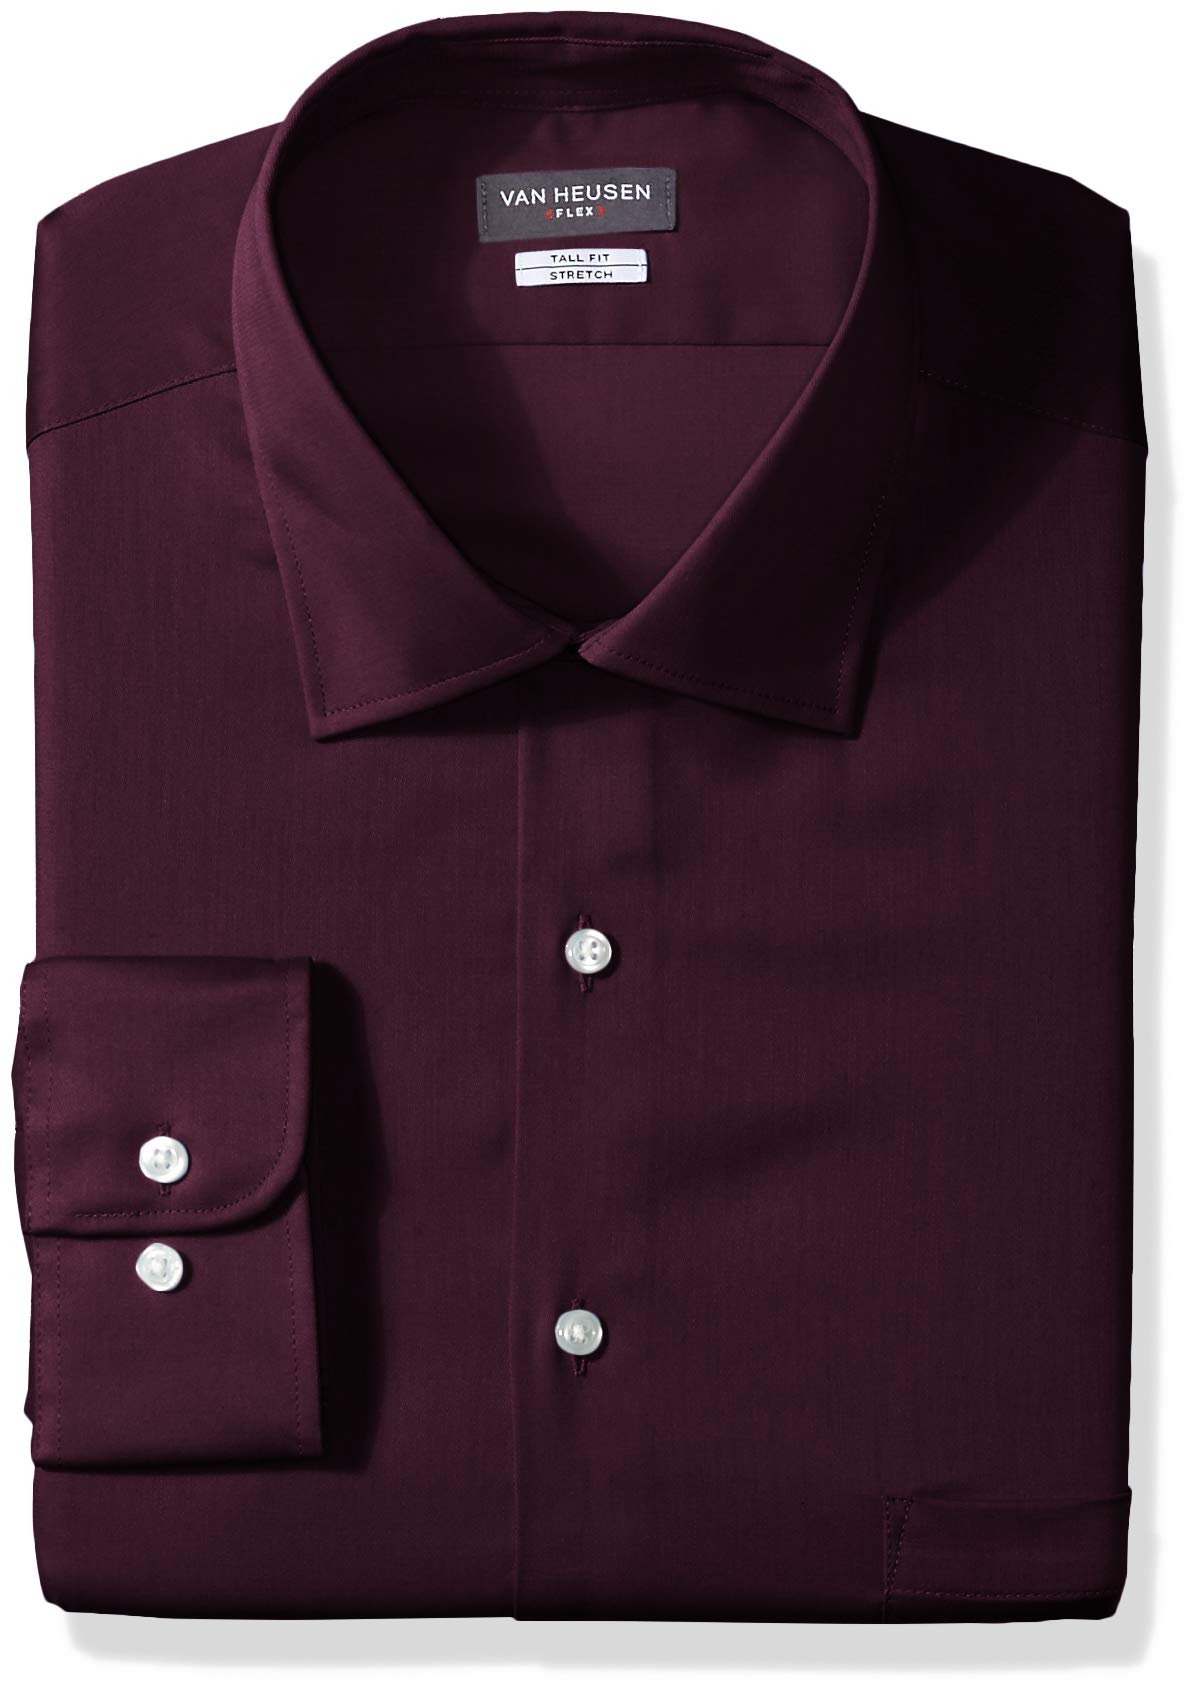 994a71cb400 Van Heusen Mens TALL FIT Dress shirts - TiendaMIA.com